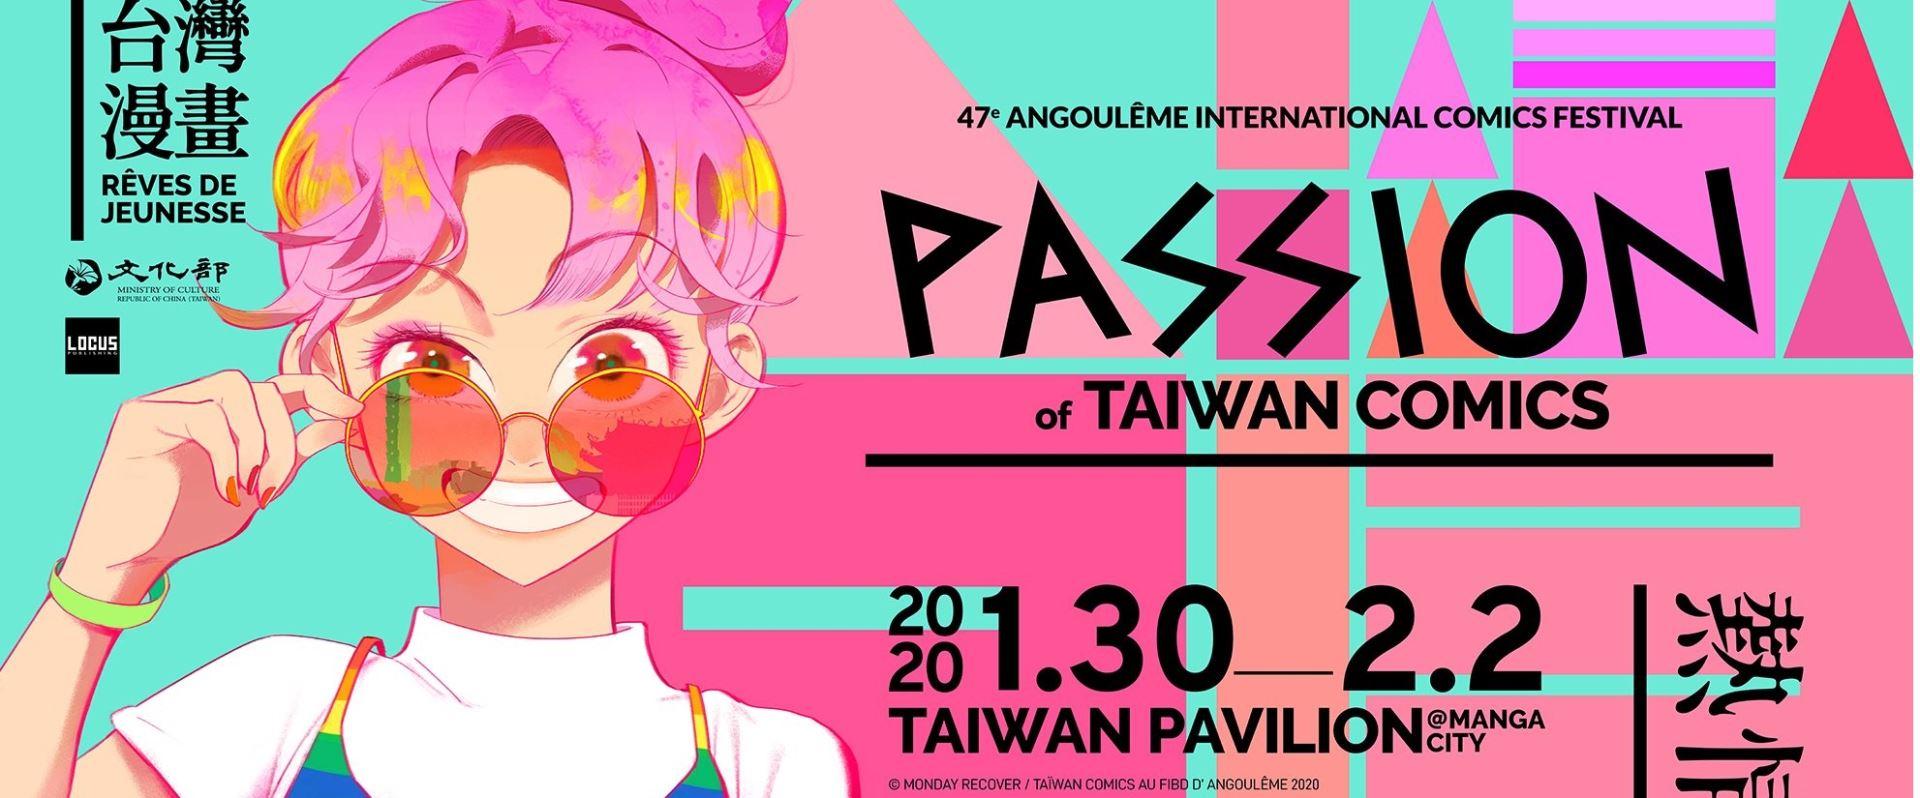 台湾の若手漫画家、仏アングレーム漫画祭に参加へ 台湾パビリオン出展[另開新視窗]